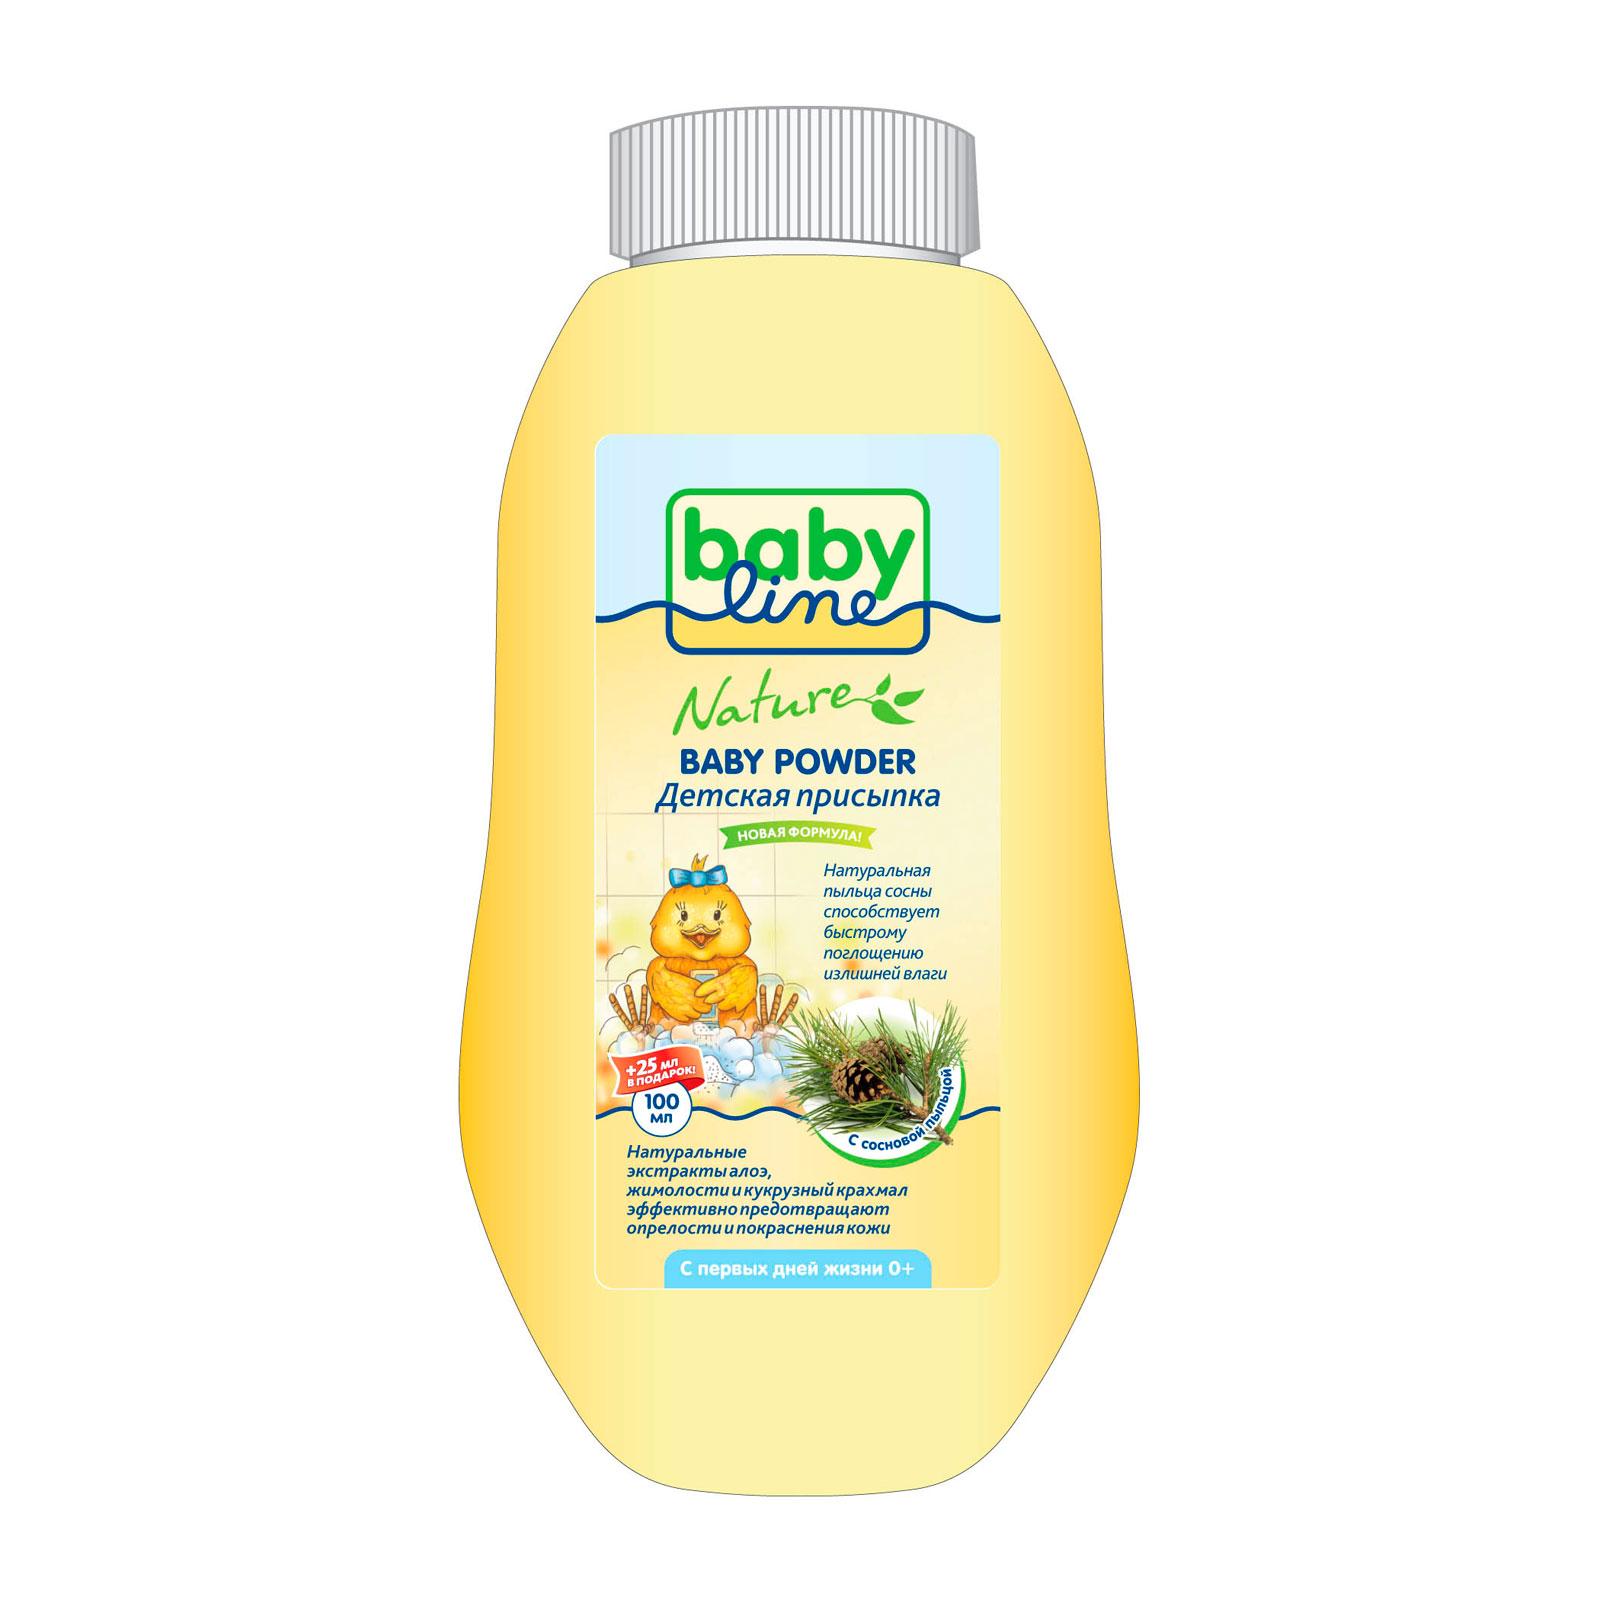 Присыпка Babyline Nature с сосновой пыльцой 100 гр + 25 % в подарок<br>